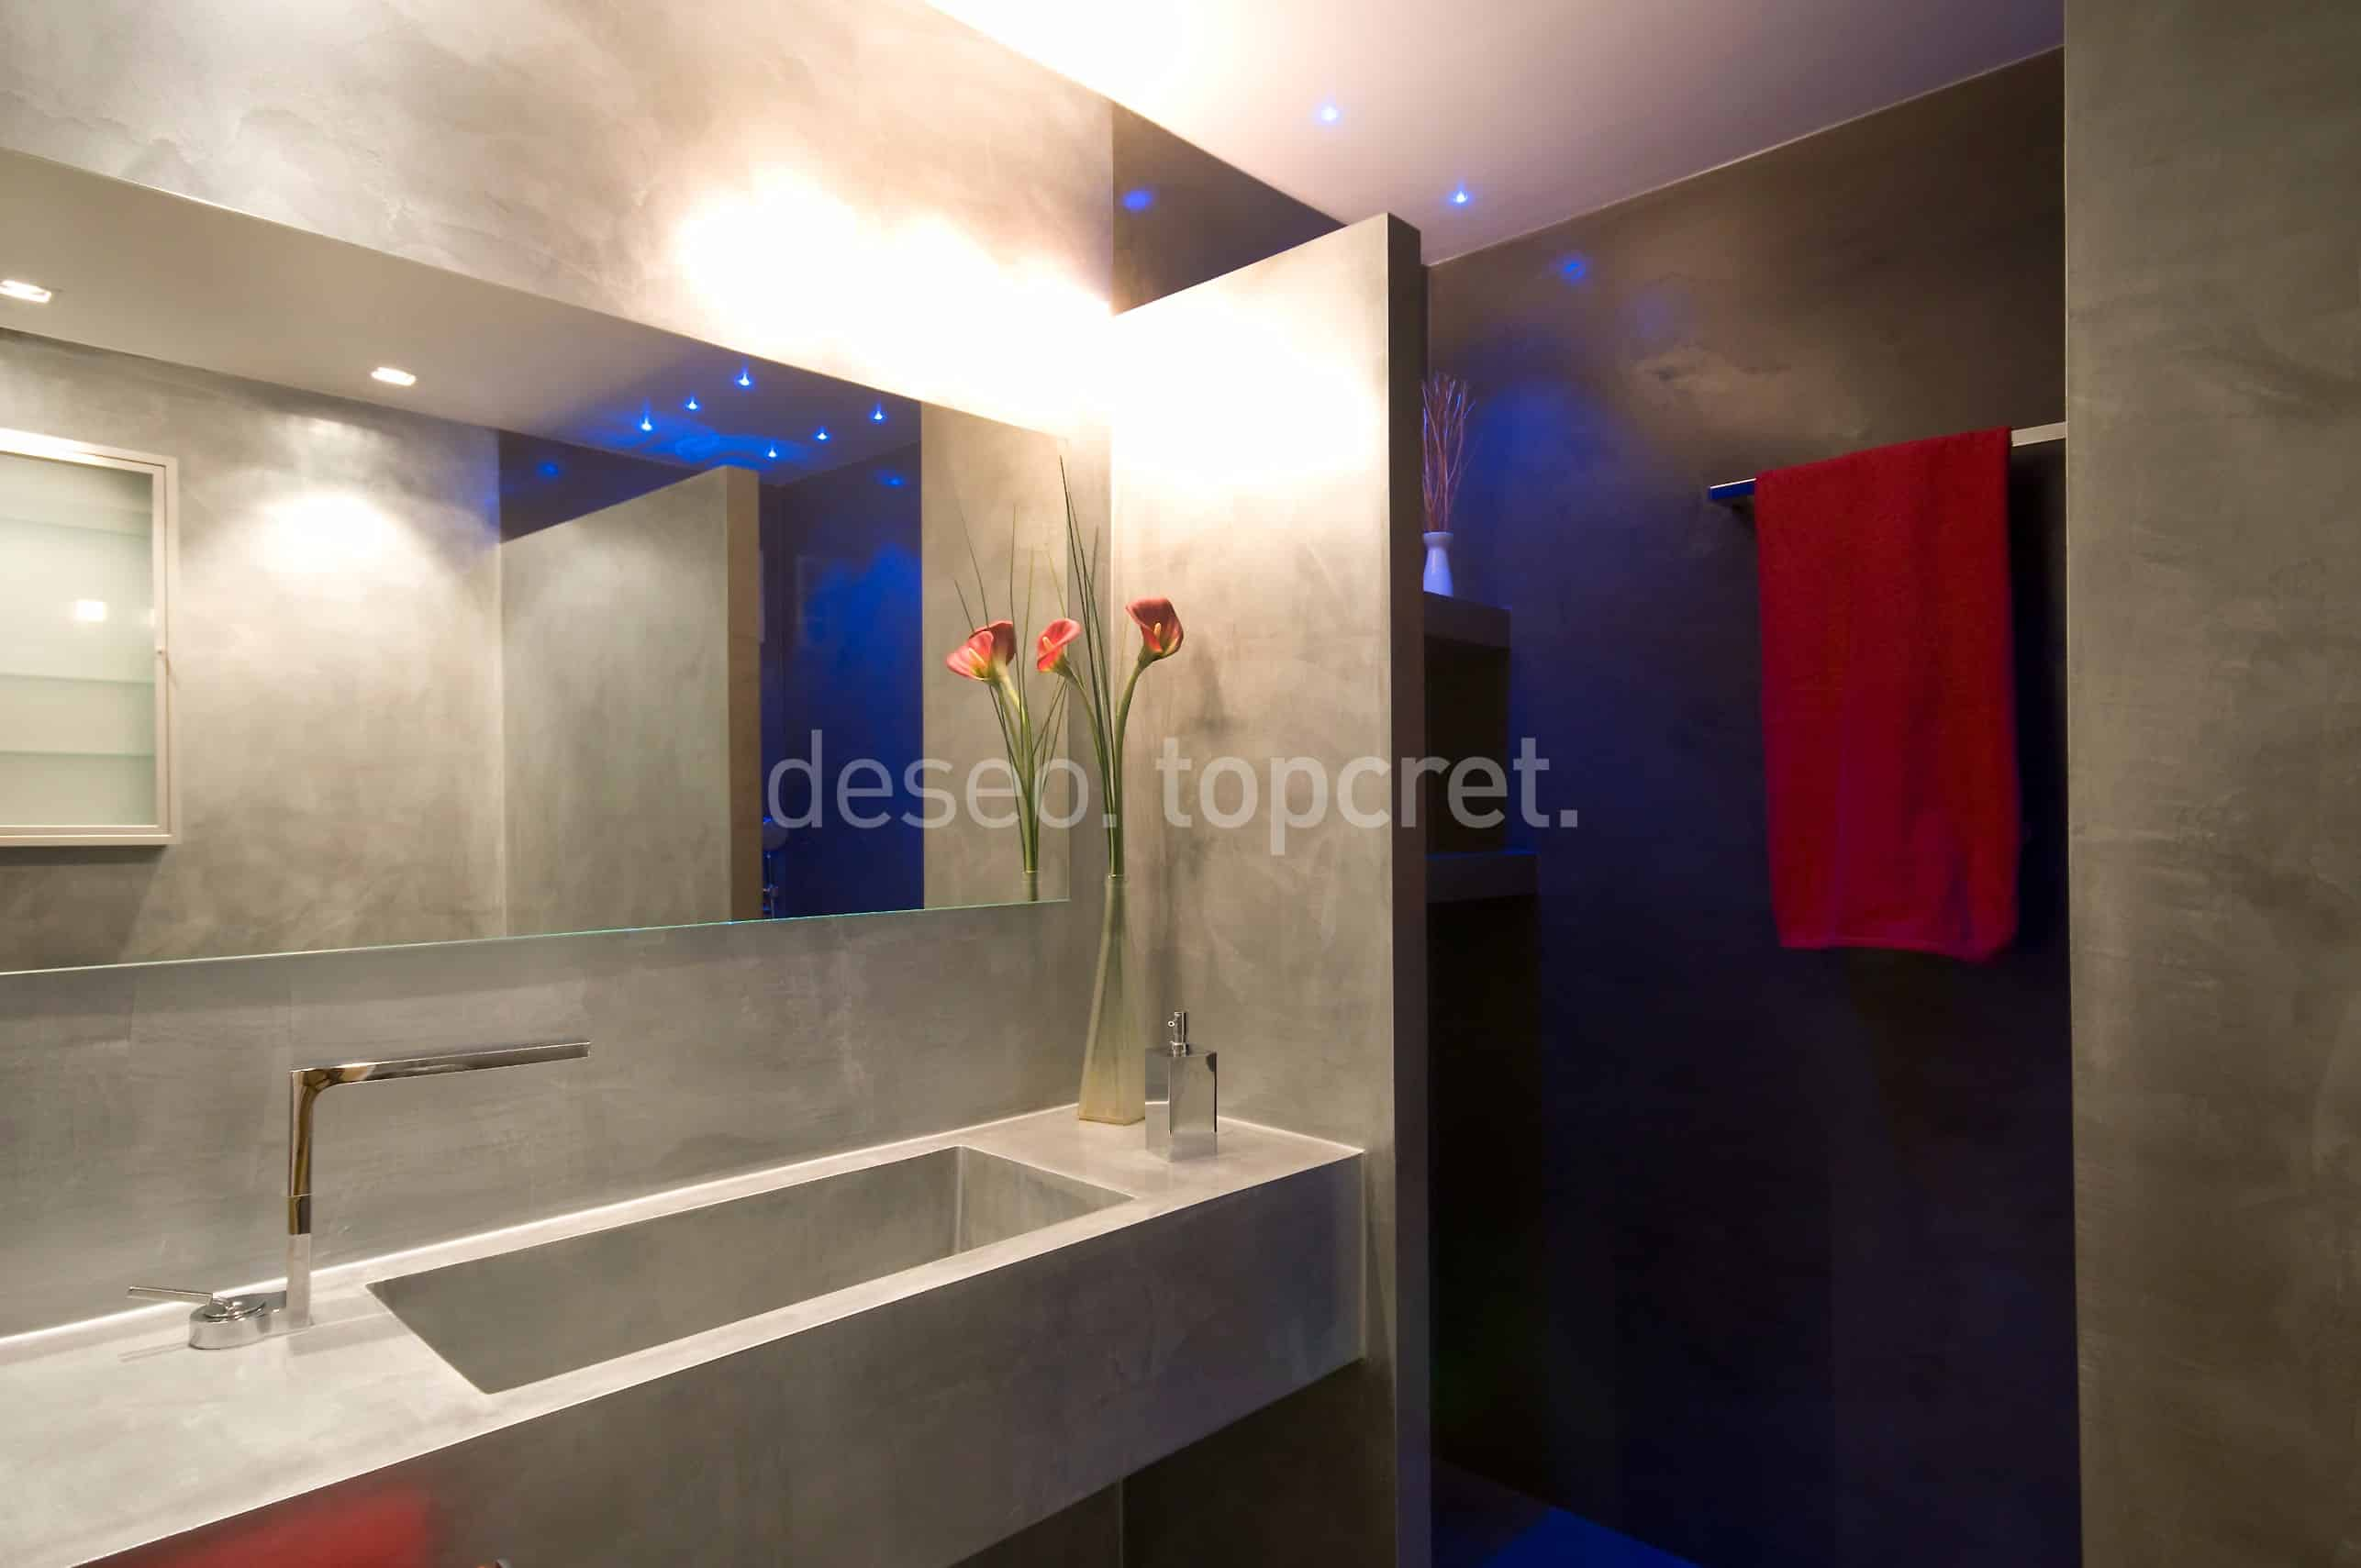 Topcret_badeværelse